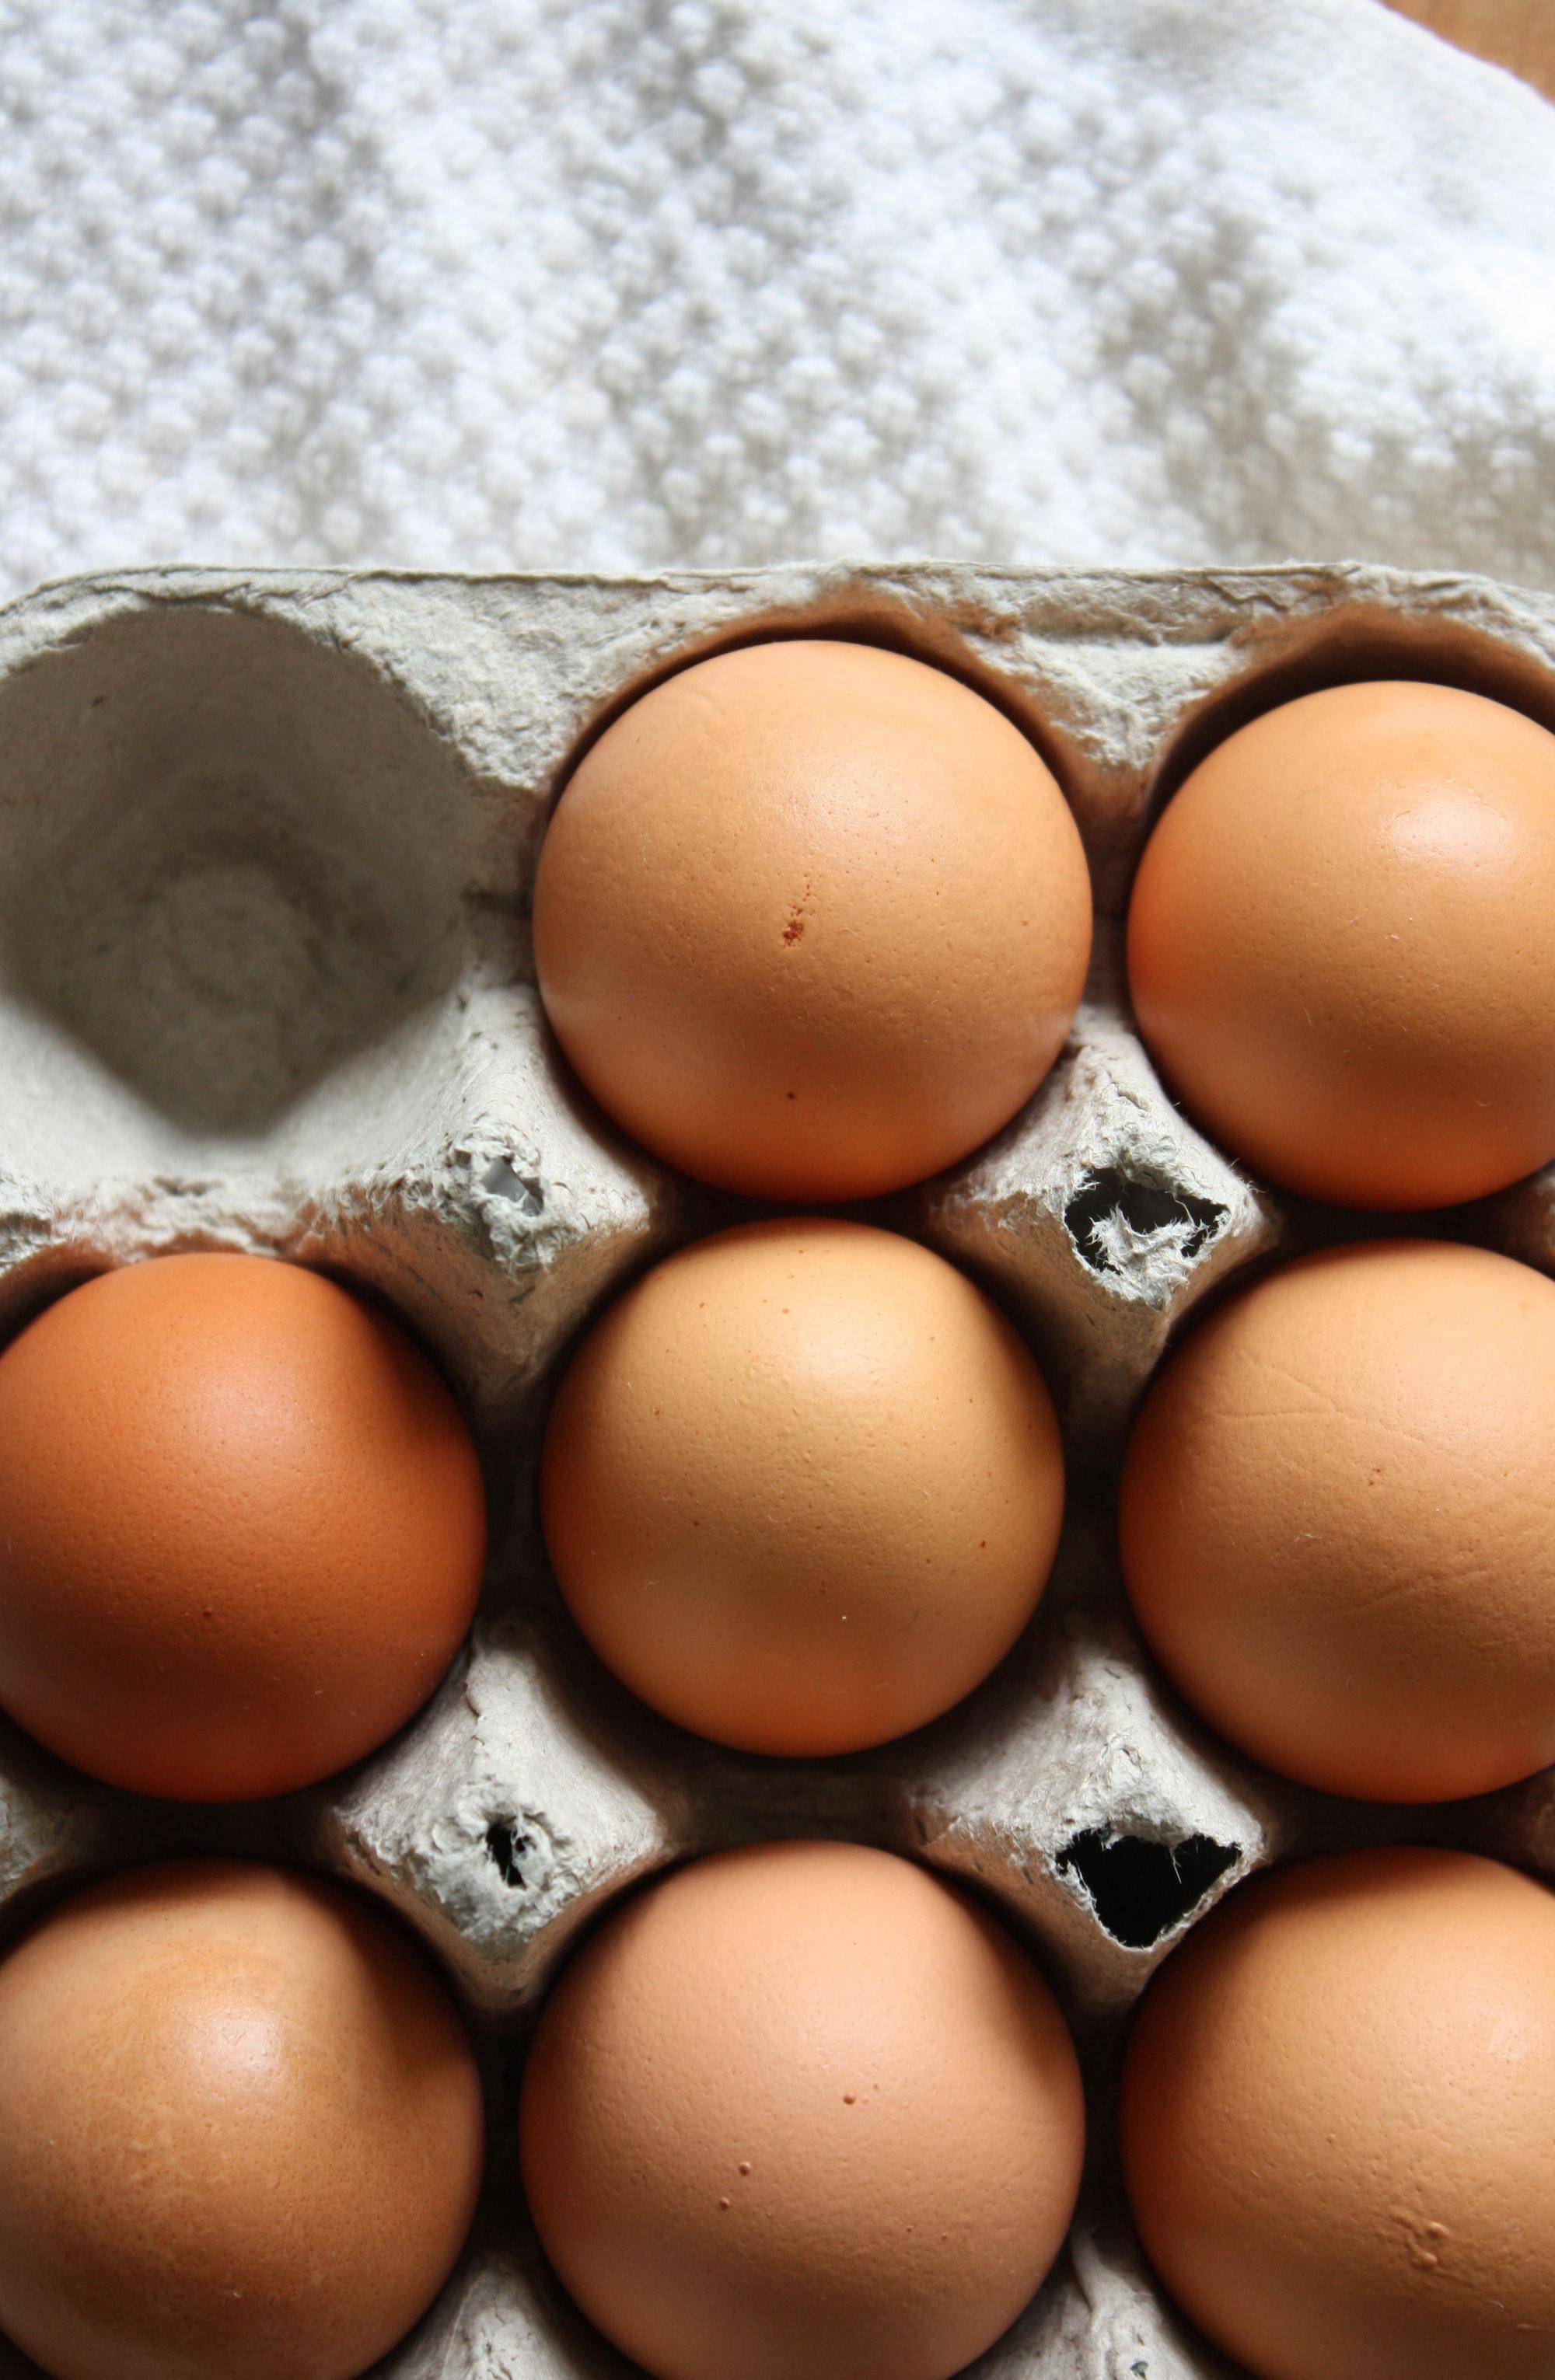 Galeta Ununa Bulanarak Yağda Kızartılan Bir Çeşit Köfte, Patates vs Bulmaca Anlamı Nedir?